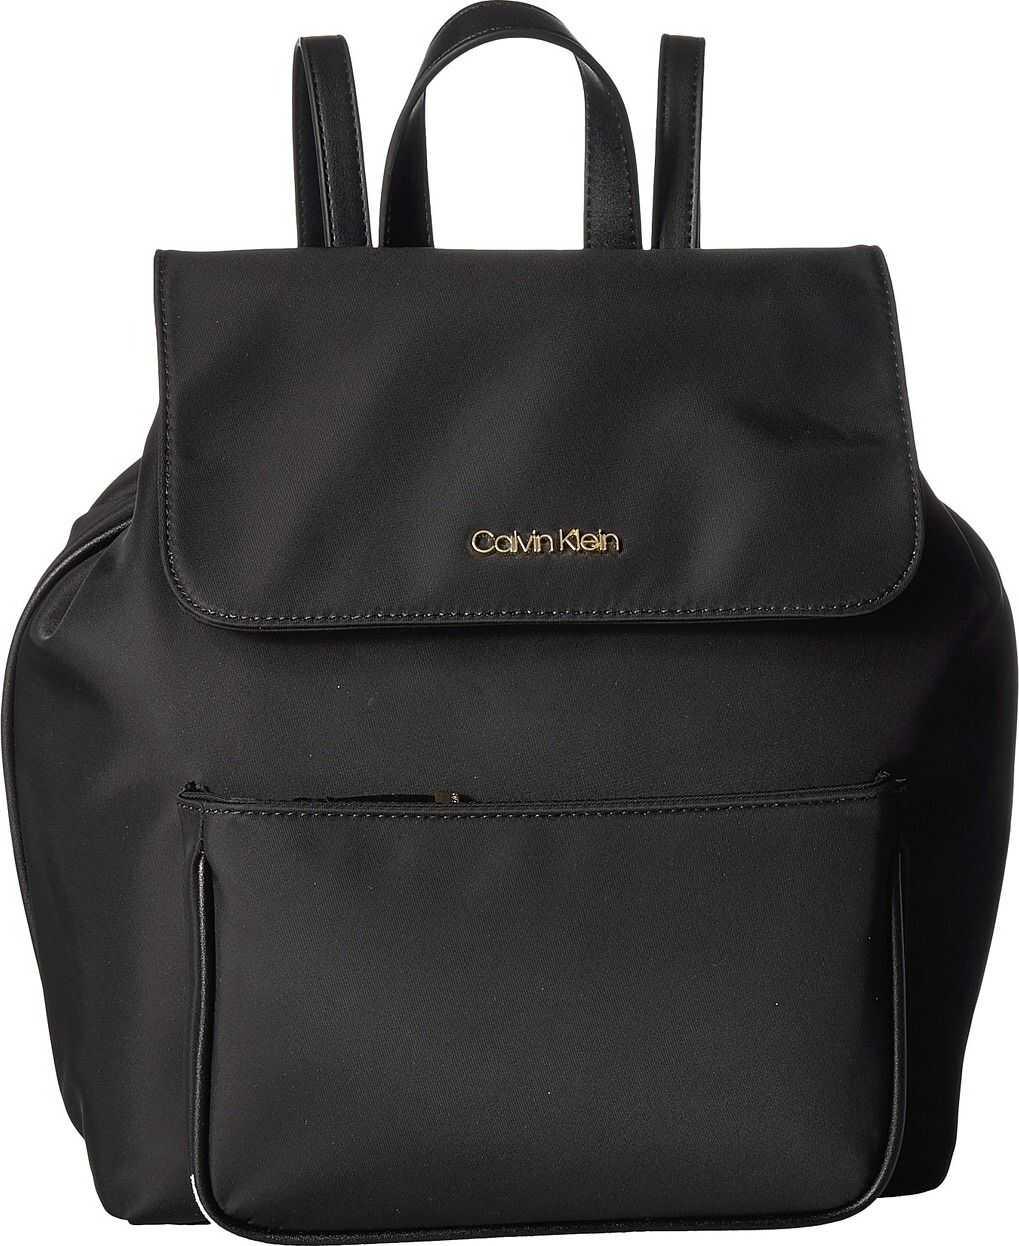 Calvin Klein Abby Nylon Backpack Black/Black